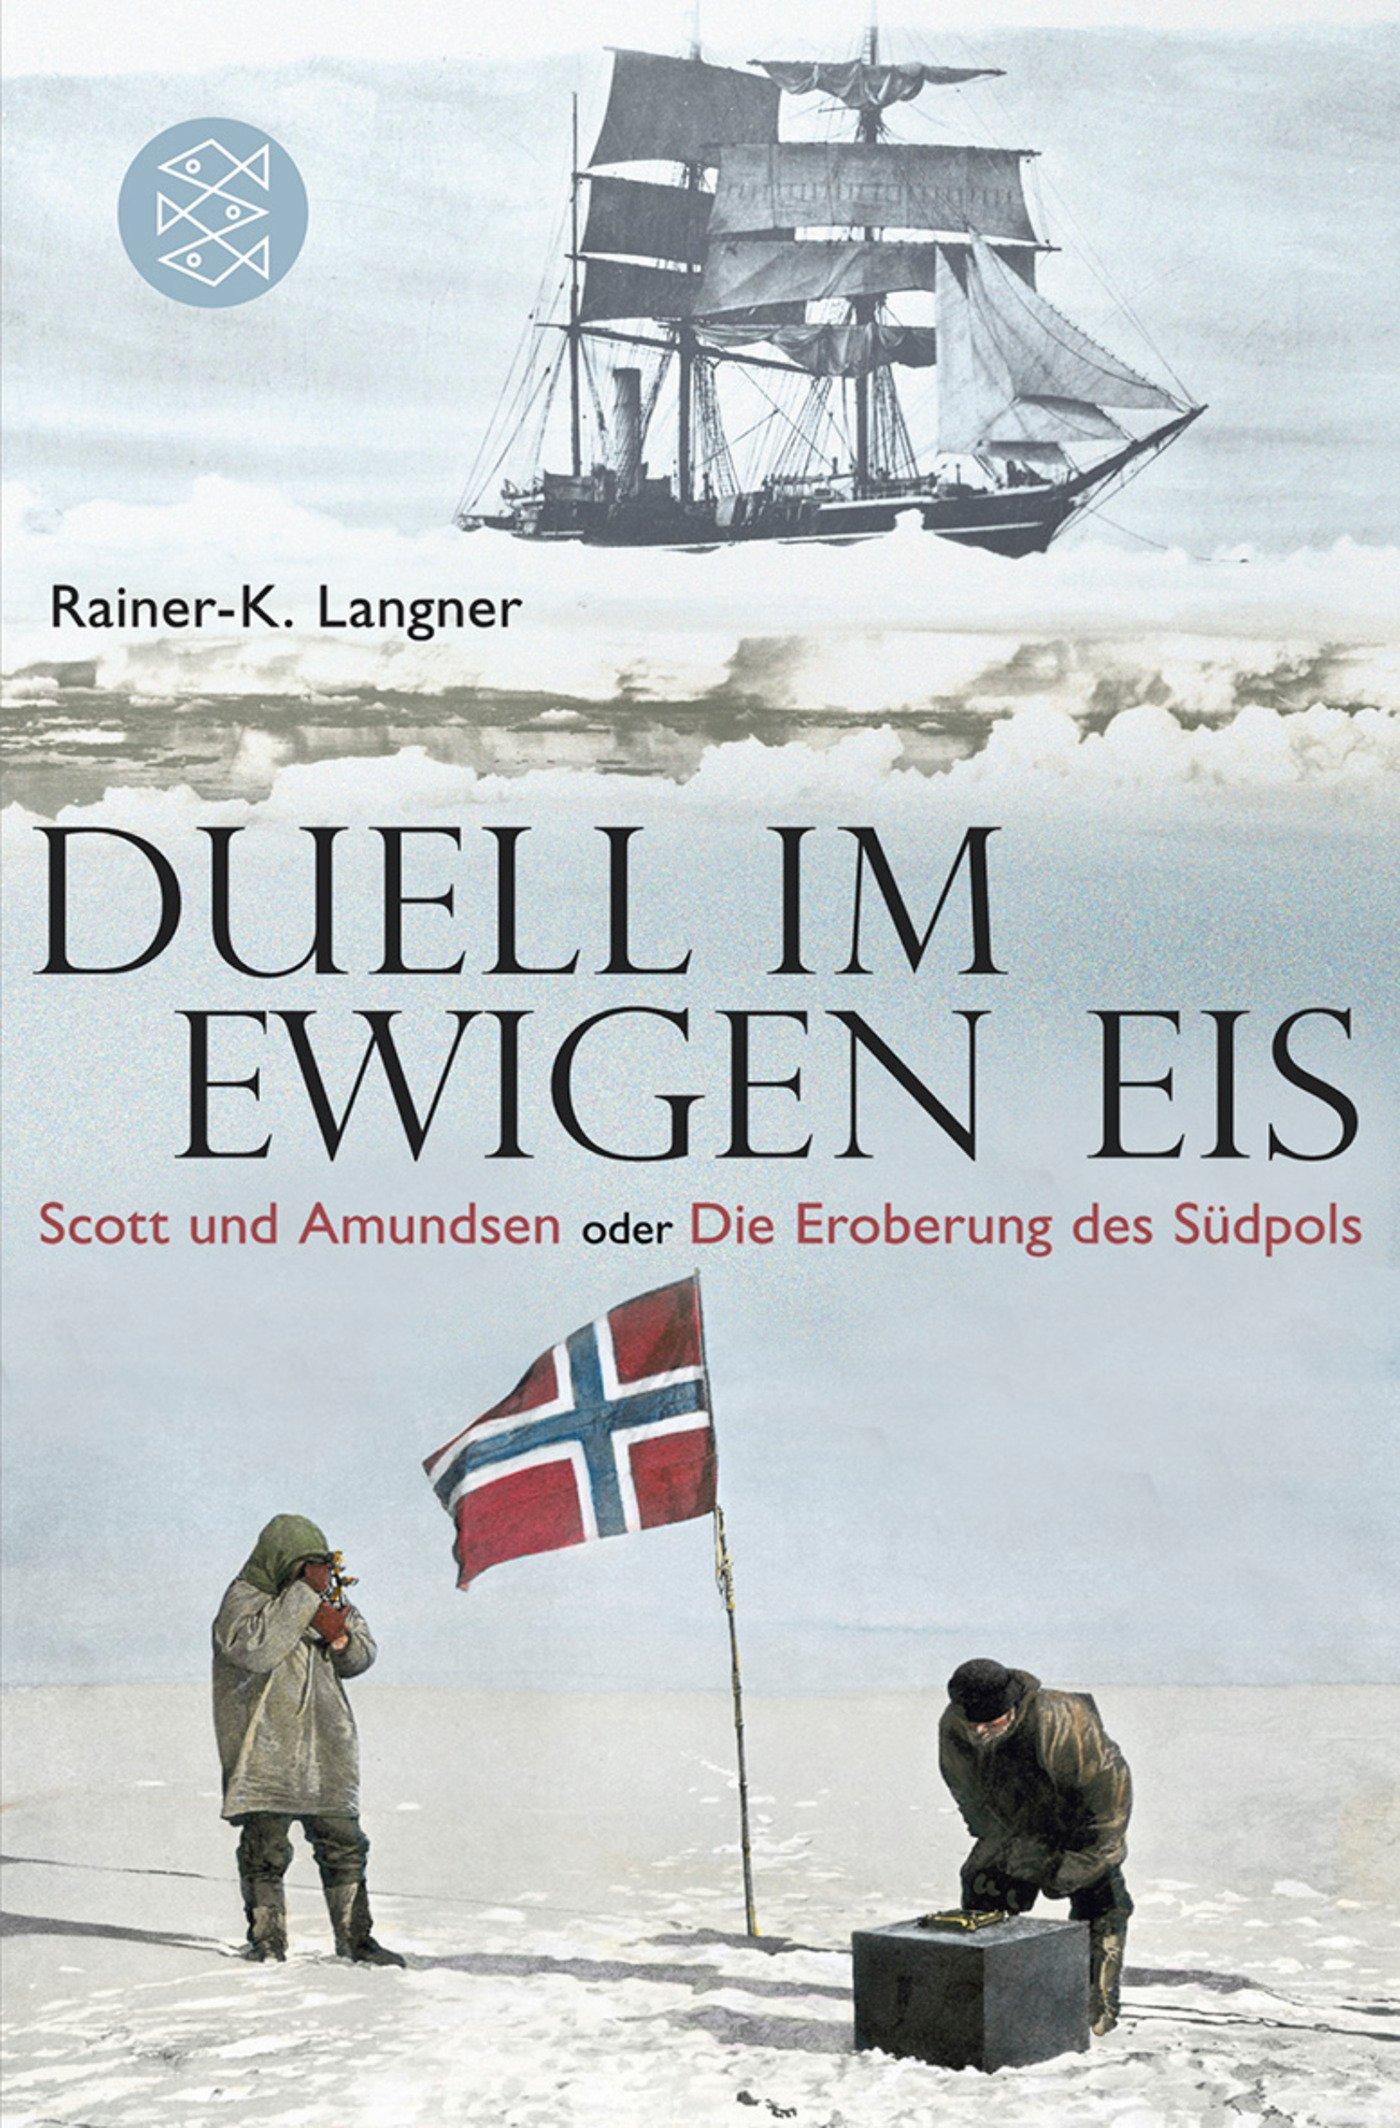 Duell im ewigen Eis: Scott und Amundsen oder Die Eroberung des Südpols Taschenbuch – 11. November 2011 Rainer-K. Langner FISCHER Taschenbuch 3596192560 Geografie